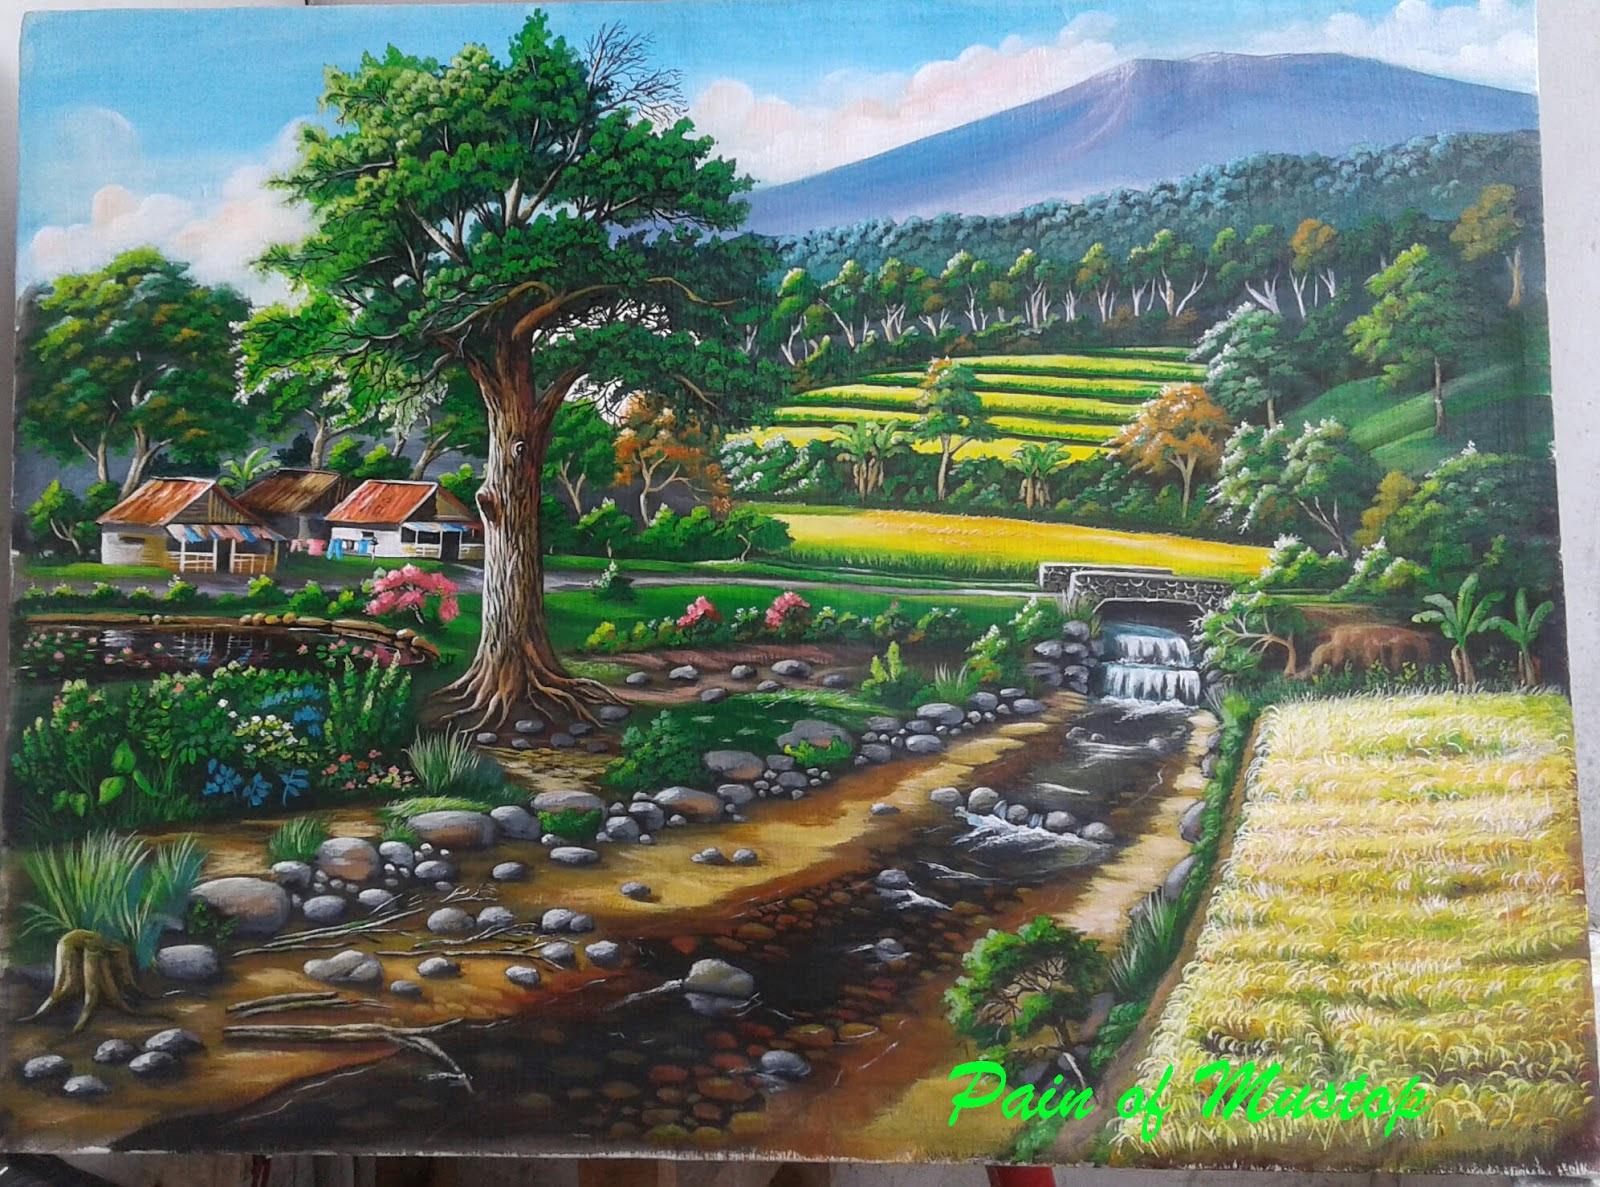 720 Lukisan Pemandangan Pedesaan Sederhana HD Terbaru